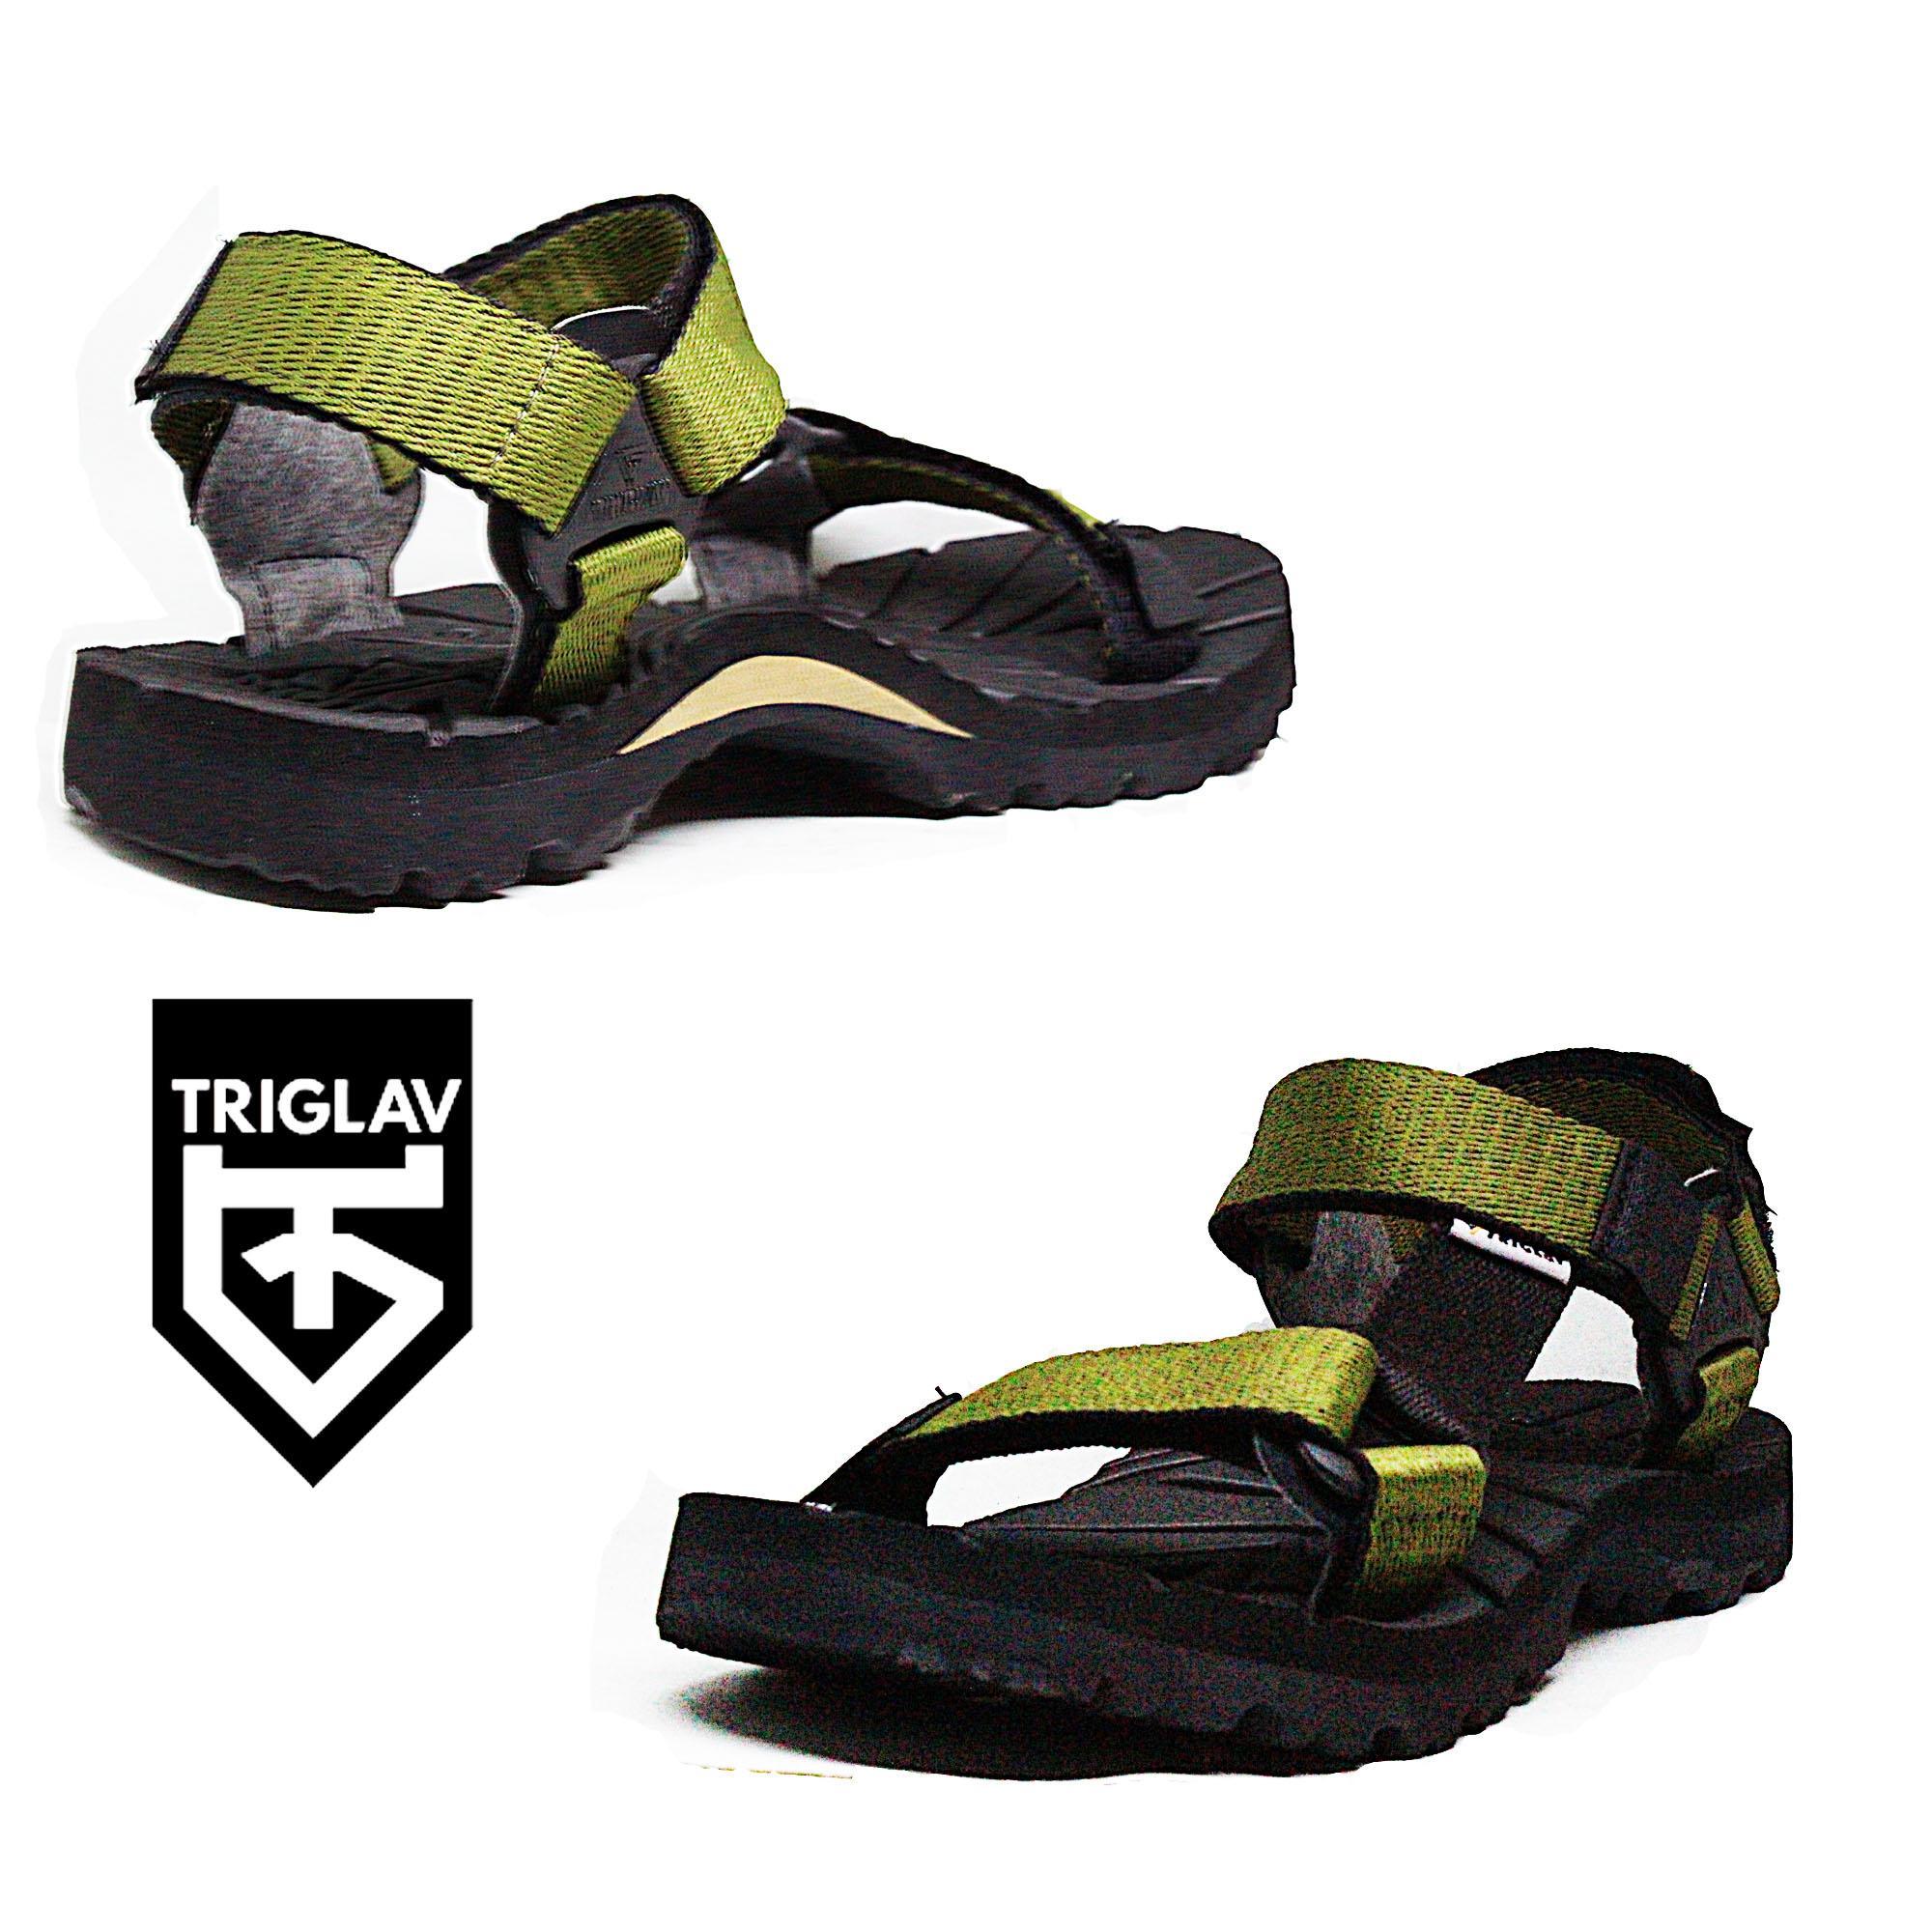 Sandal Gunung Pria / Sandal Pria Wanita / Sandal Outdoor TRIGLAV ORIGINAL Trendy / Dedek Jaya